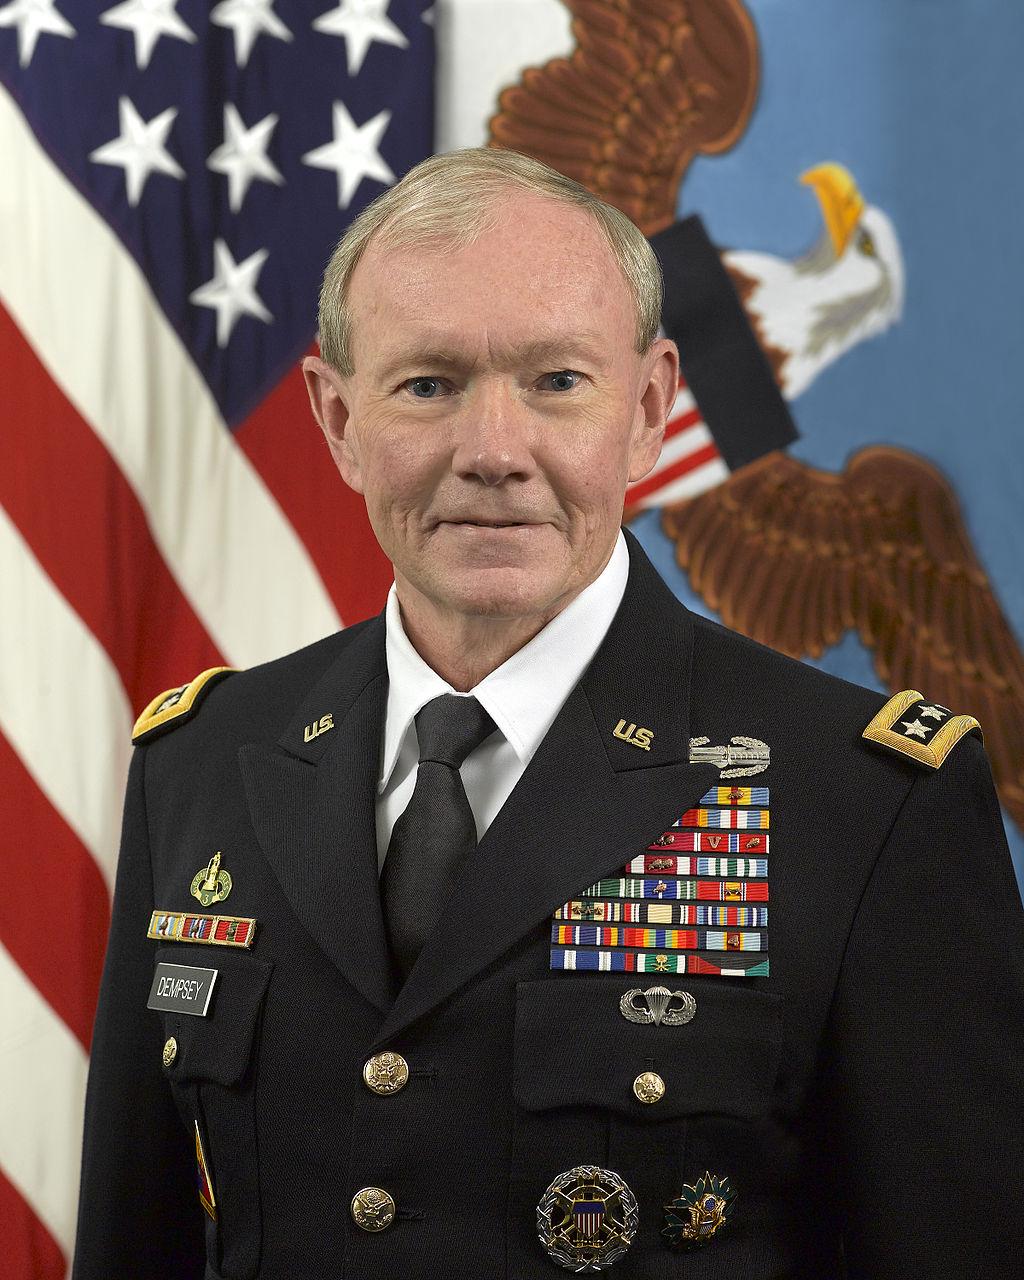 1024px-General_Martin_E._Dempsey,_CJCS,_official_portrait_2012